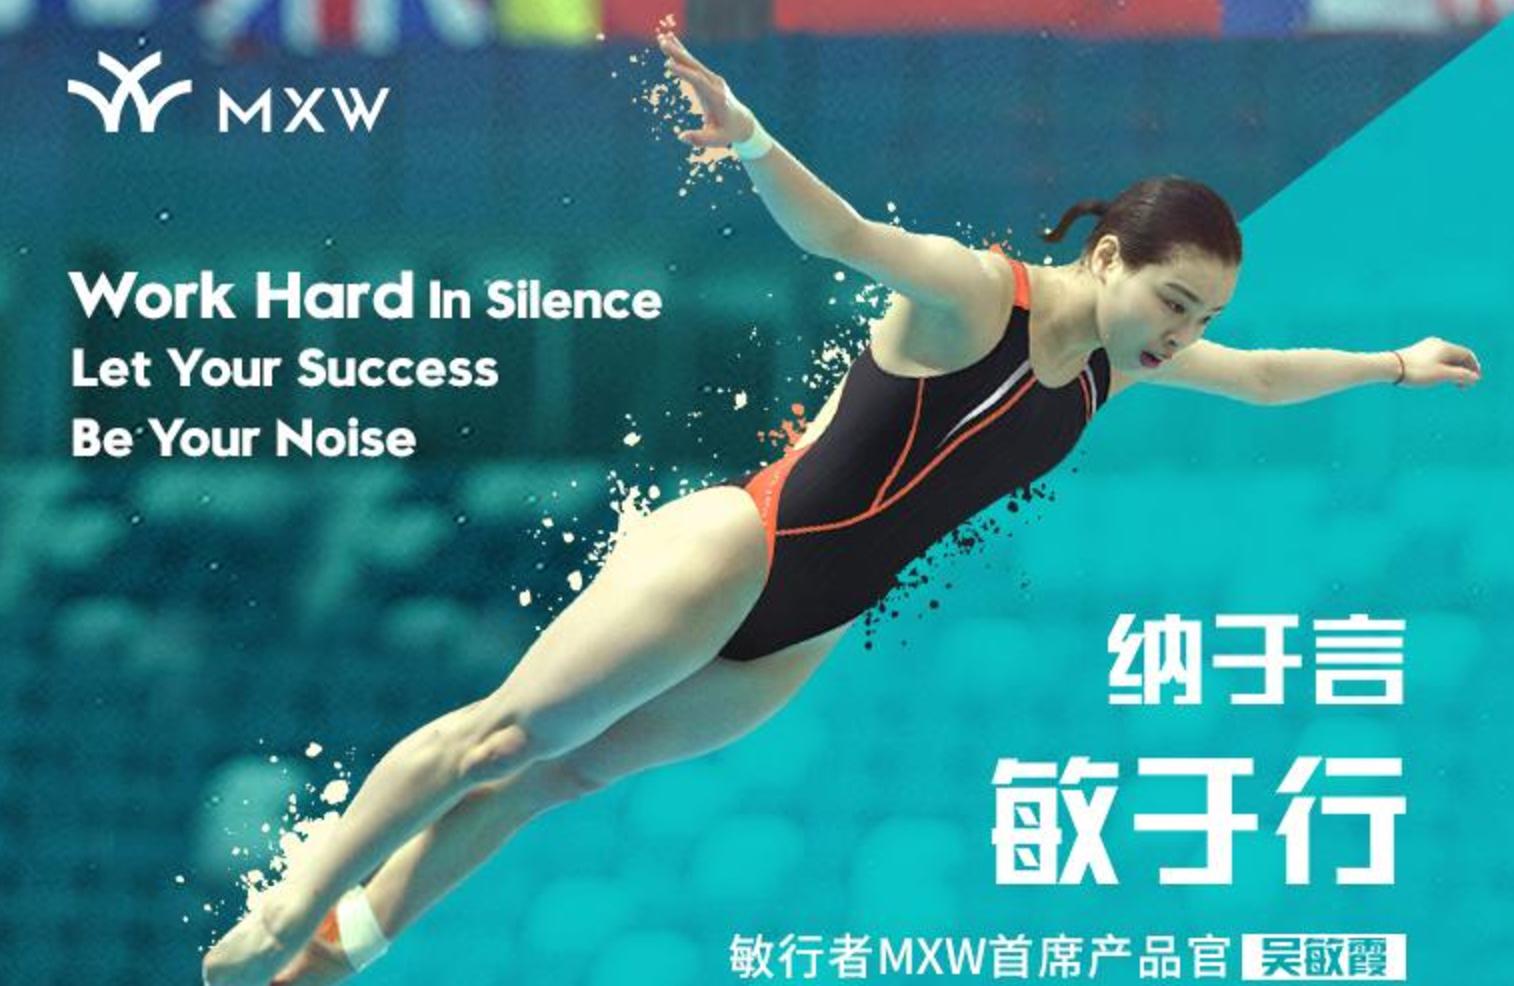 《华丽志》采访一代跳水女王吴敏霞:做瞄准青少年和家庭的运动品牌MXW敏行者